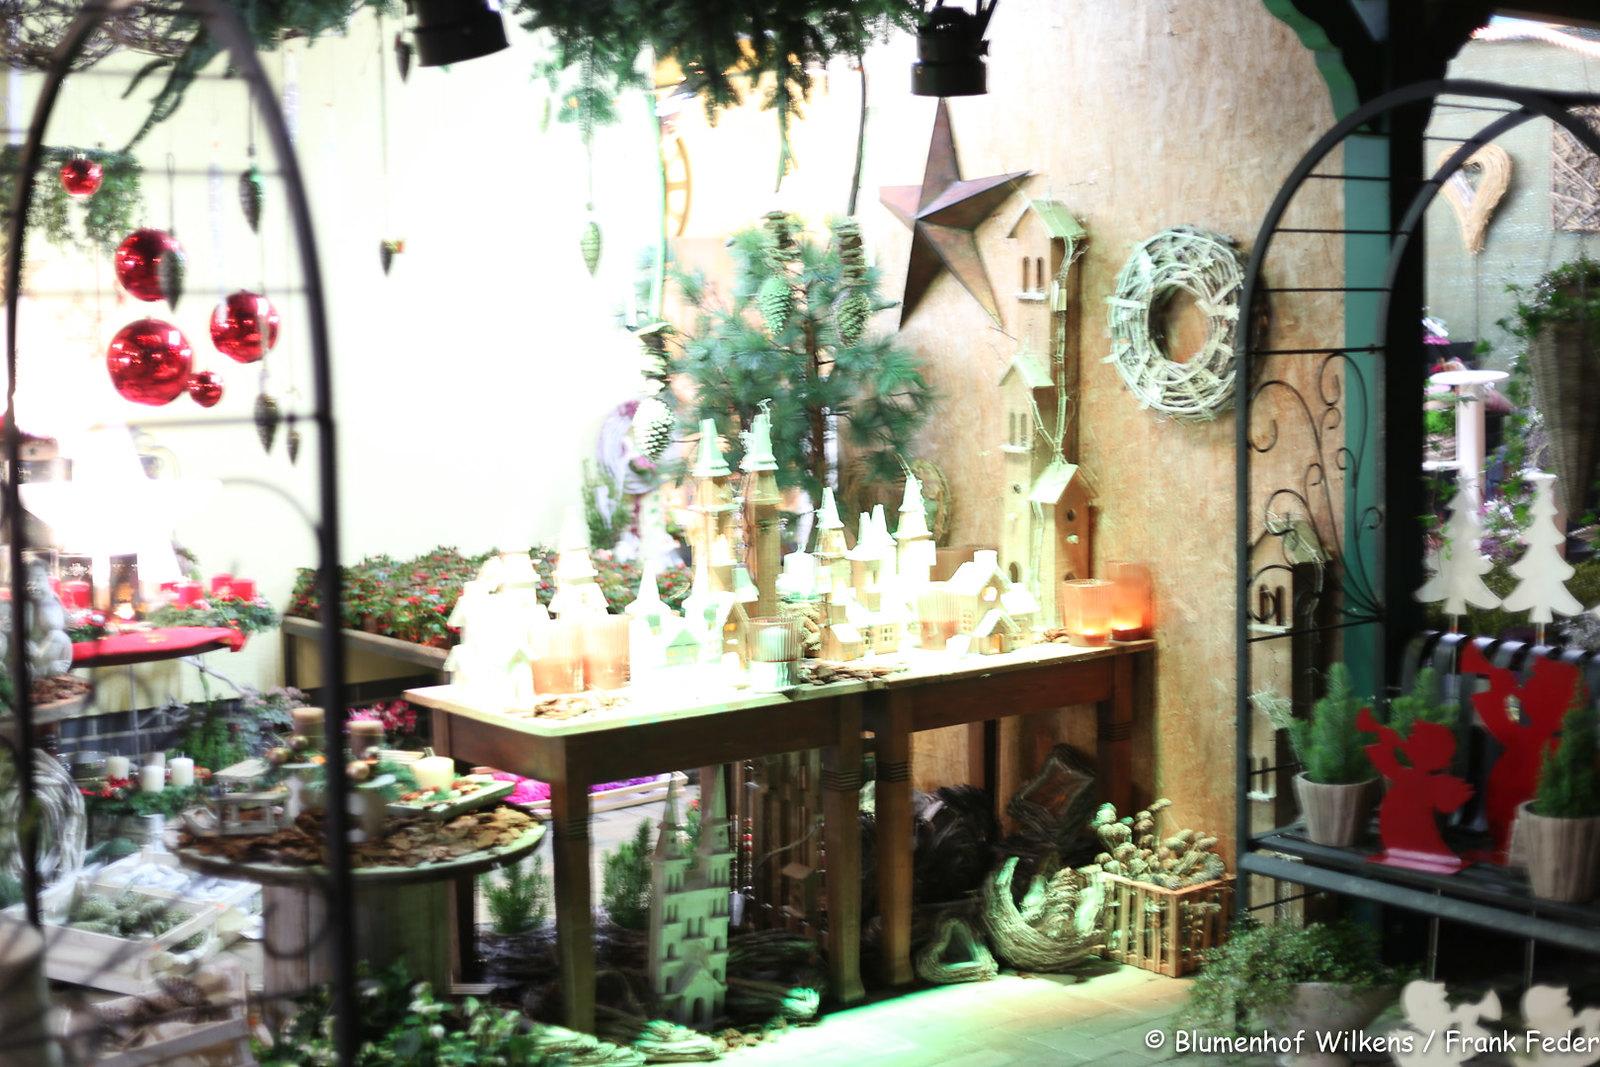 Weihnachten Blumenhof Wilkens 2016 11 10 0016